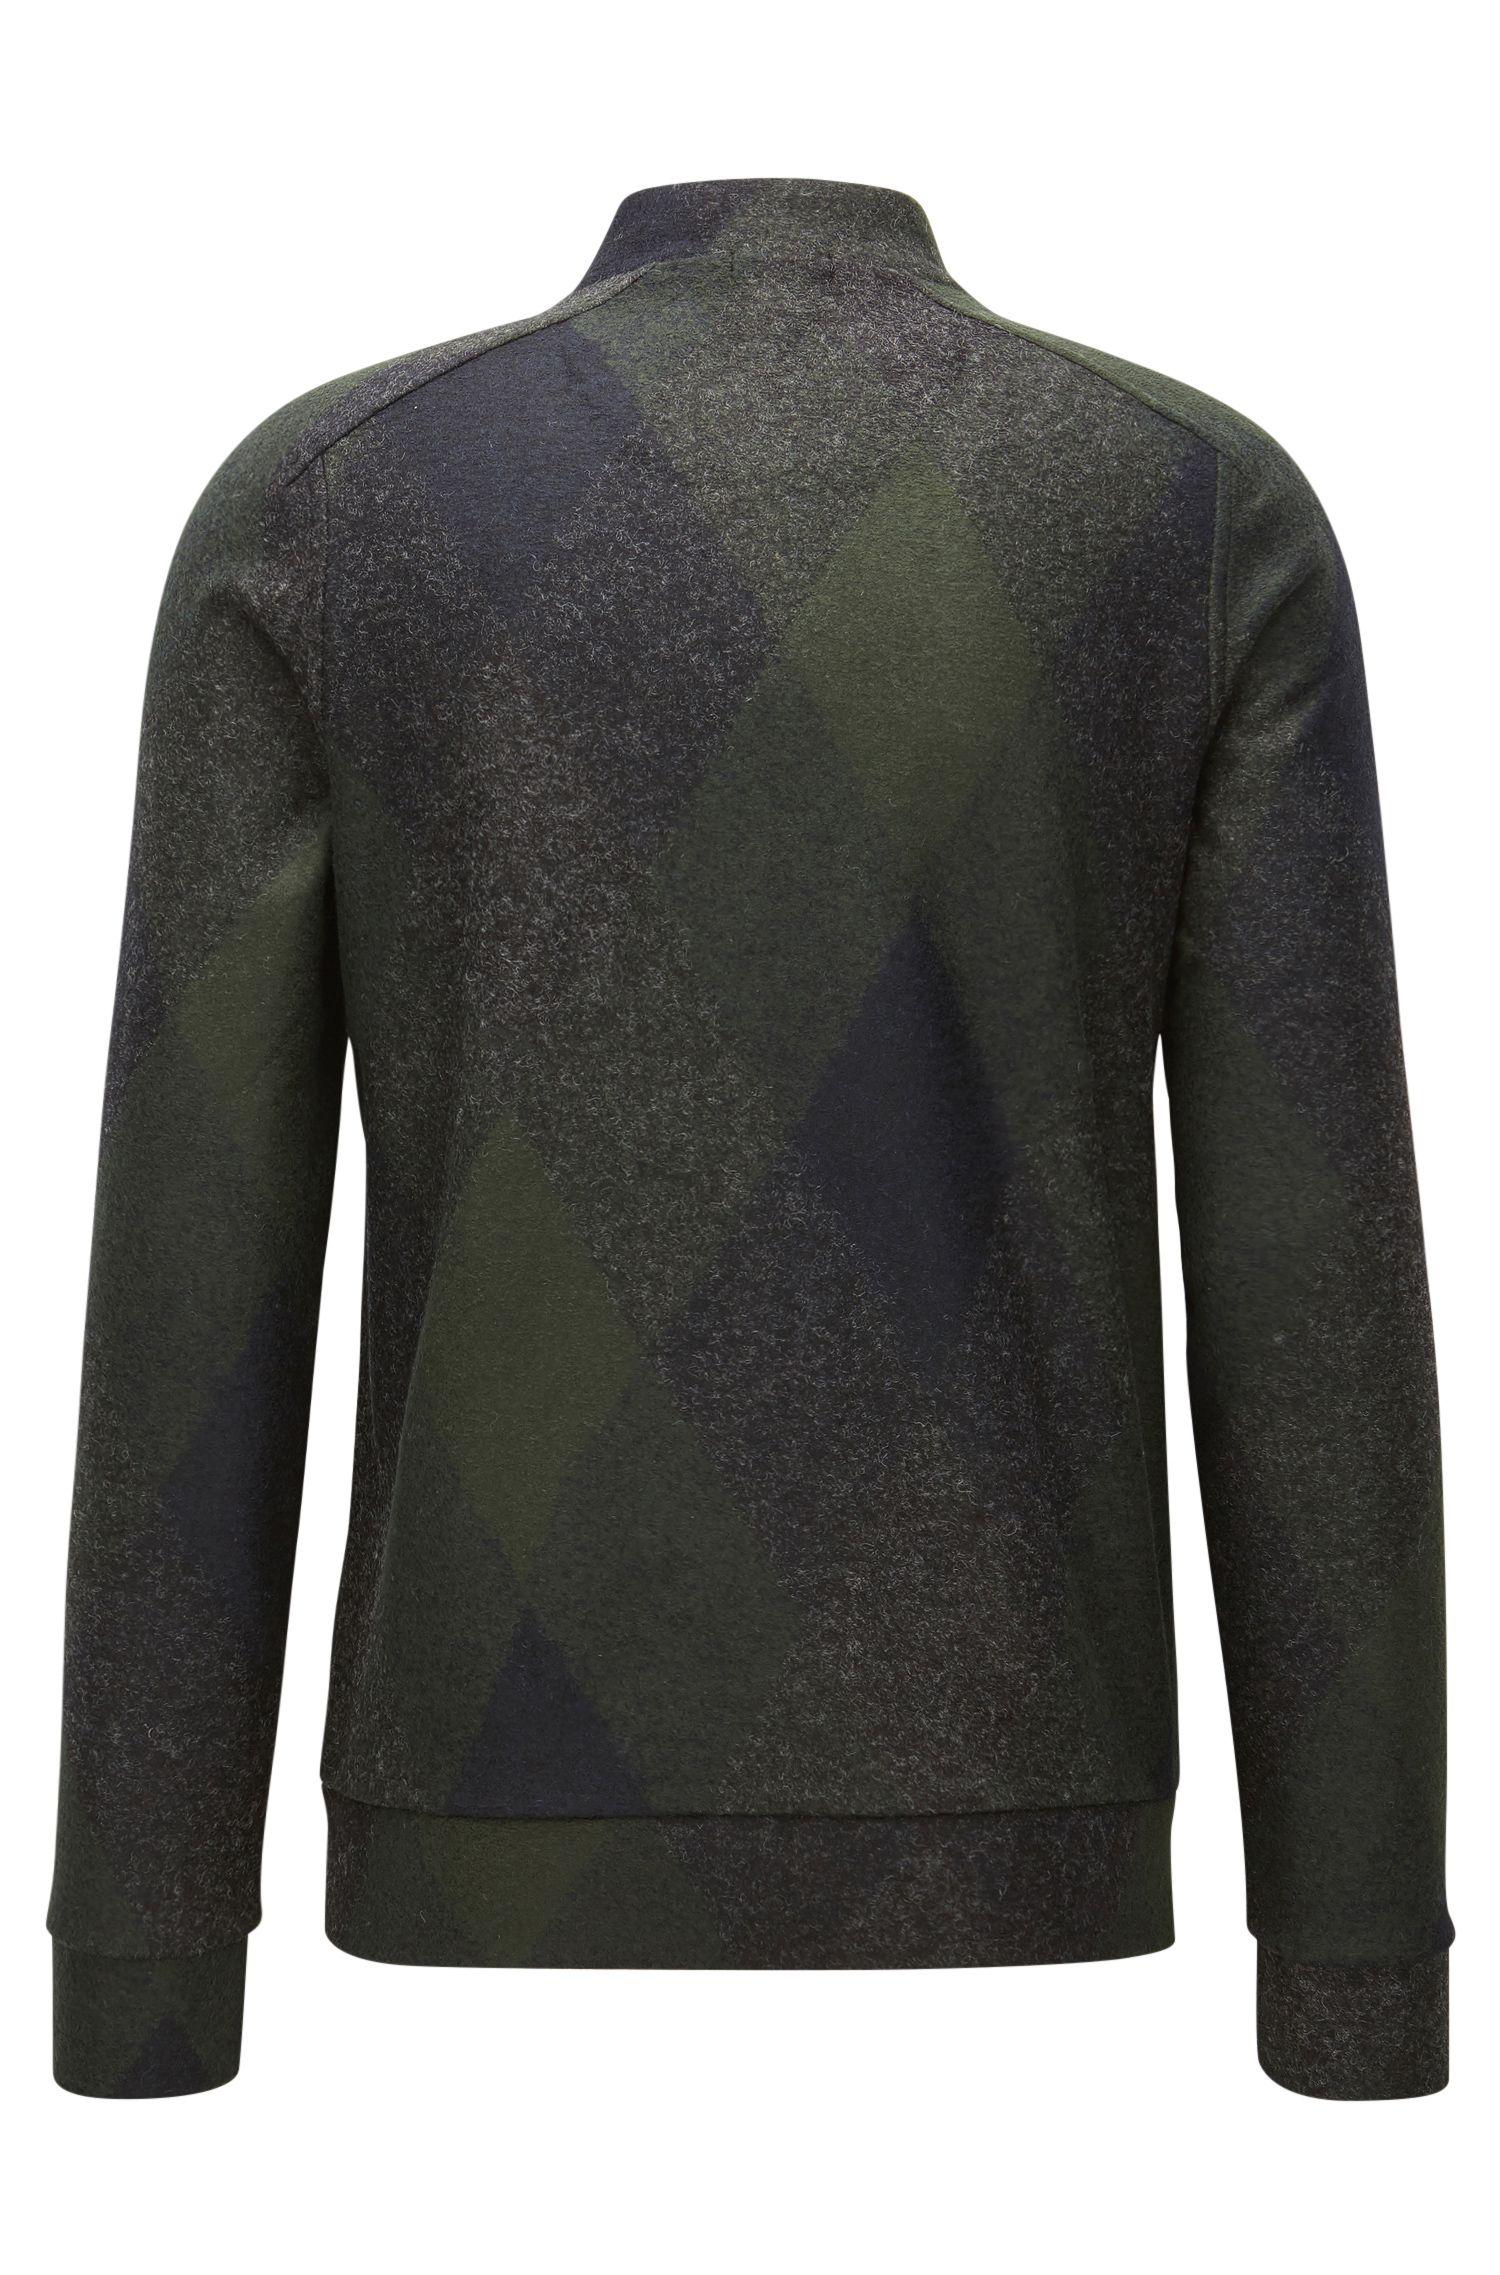 Italian Stretch Sweater Jacket | Salea, Open Grey